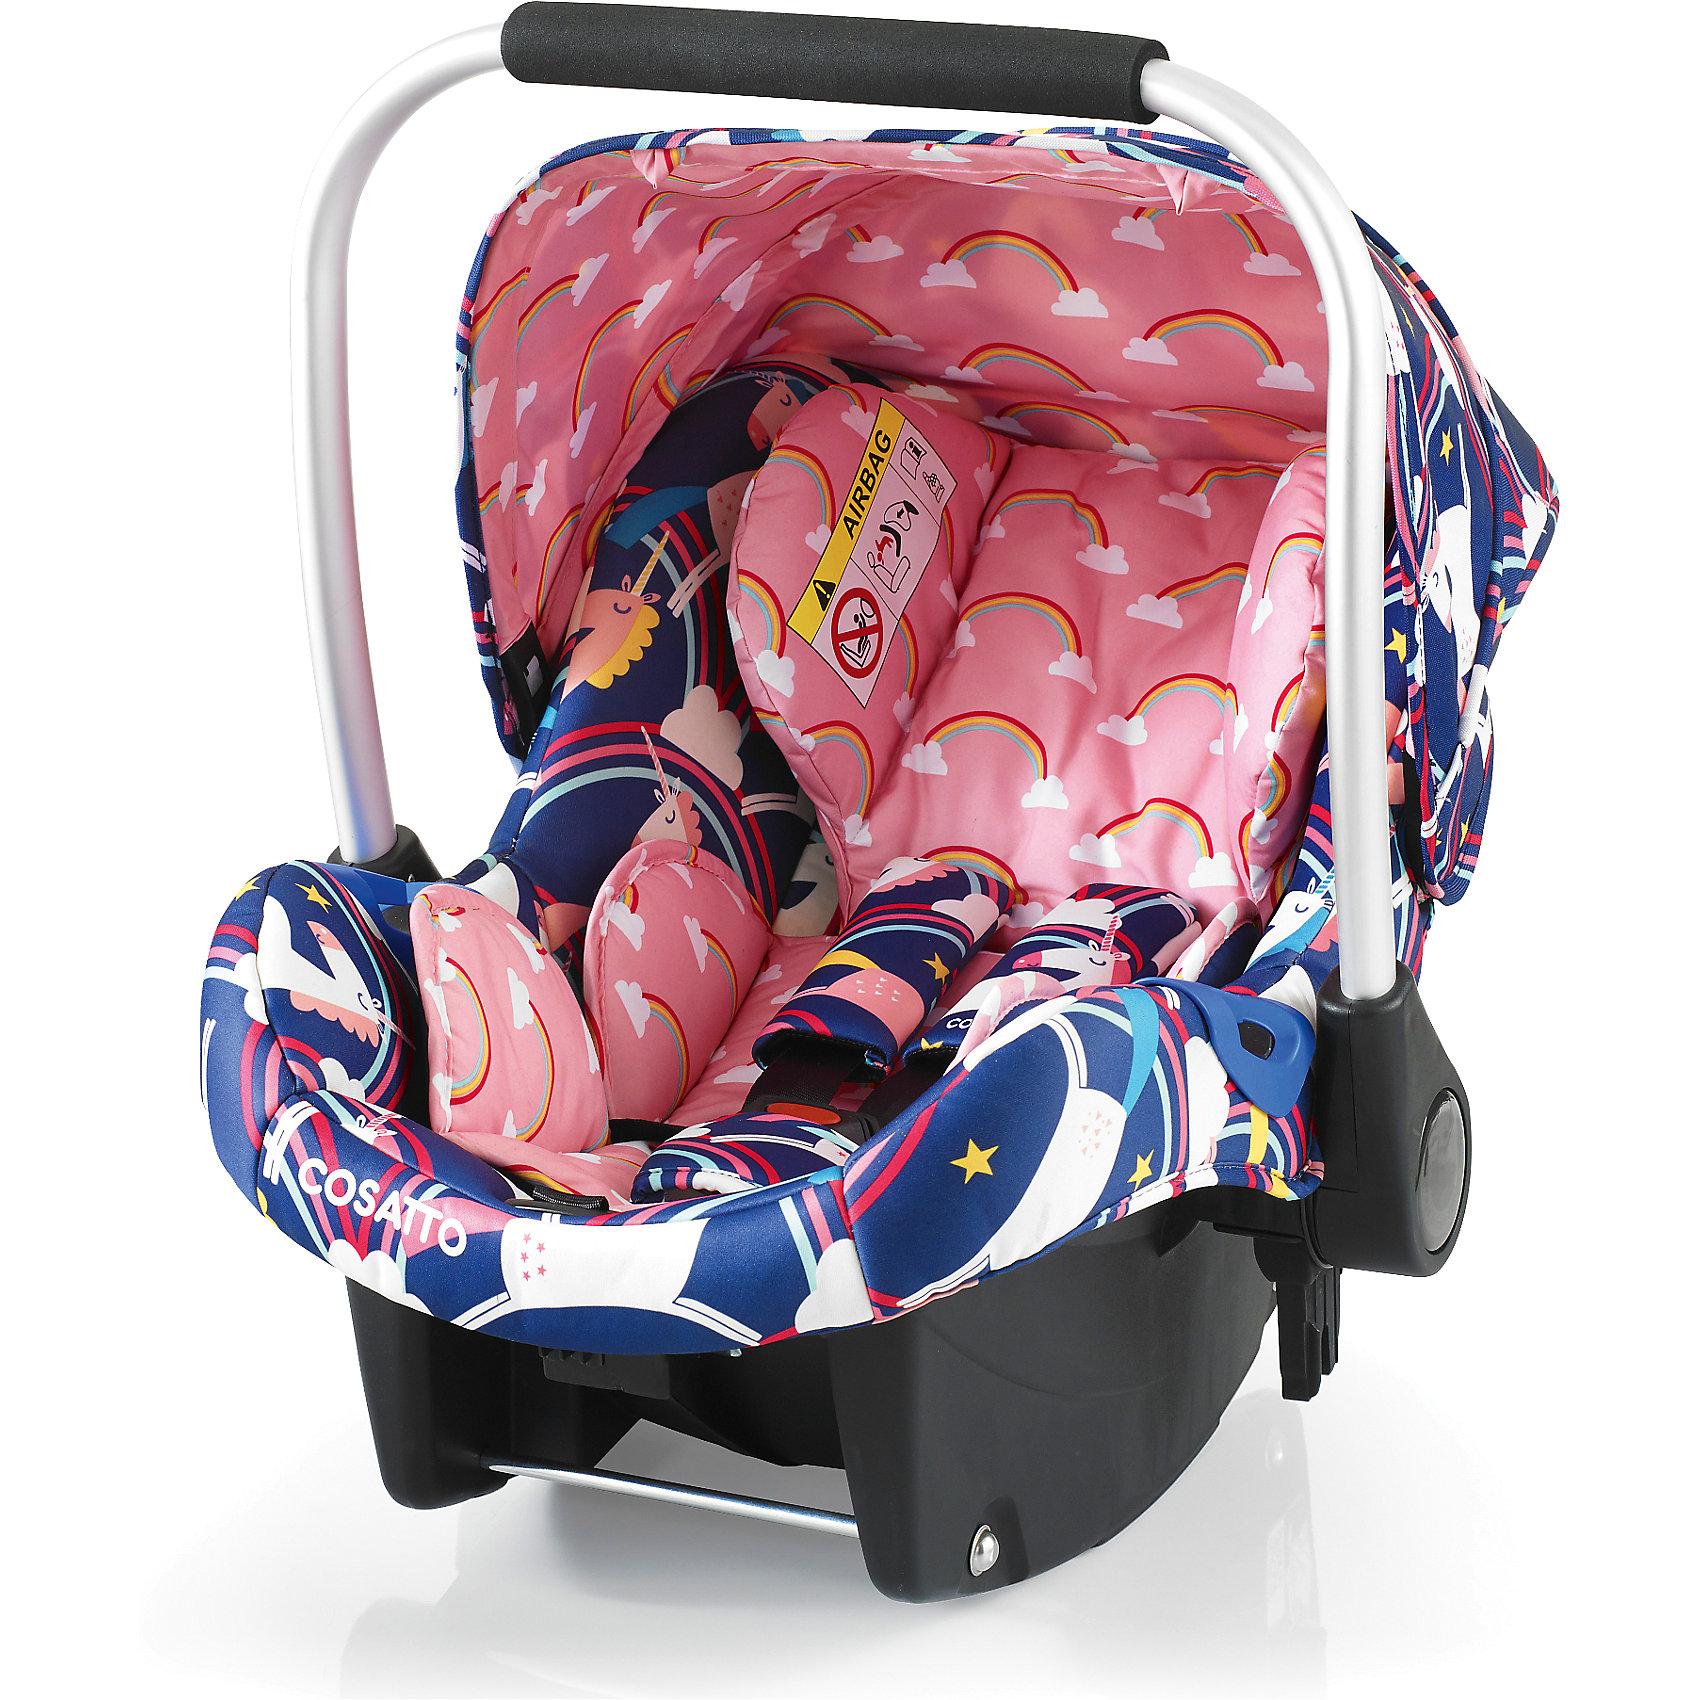 Автокресло Cosatto Port, 0-13 кг., Magic UnicornsГруппа 0+ (До 13 кг)<br>Детское автокресло COSSATO PORT предназначено для безопасных и комфортных поездок в автомобиле. <br><br>Также кресло может быть установлено на шасси колясок COSATTO Fly, Wish и Ooba.<br><br>Характеристики:<br><br>    Автокресло группы 0+ для детей с рождения весом до 13 кг<br>    Устанавливается против хода движения автомобиля<br>    Возможность установки на заднем и переднем сидении автомобиля при отсутствии подушки безопасности<br>    Крепление штатным ремнем безопасности автомобиля или с помощью базы Isofix (приобретается отдельно)<br>    5-точечные ремни безопасности с мягкими накладками имеют 2 положения крепления<br>    Анатомический вкладыш обеспечивает максимальный комфорт даже для новорожденного ребенка<br>    Удобная подушка для головы, мягкие накладки на грудь и живот малыша<br>    Защита боковинок<br>    Оборудовано удобной ручкой для переноски малыша, не доставая его из автокресла<br>    Съемный козырек<br>    Сзади расположен бардачек<br>    Может использоваться как кресло-качалка<br>    Чехлы из прочной ткани пригодны для чистки и стирки<br>    Возможность установки на шасси колясок Cosatto Fly, Wish, Ooba, Wow, Woop<br>    В комплекте: вкладка для новорожденных, нагрудные подушечки и мягкая защита крепления<br><br>Размеры:<br><br>Общие (Д х Ш х Г), см: 69 х 43 х 59<br><br>Ширина мм: 750<br>Глубина мм: 450<br>Высота мм: 390<br>Вес г: 6000<br>Возраст от месяцев: -2147483648<br>Возраст до месяцев: 2147483647<br>Пол: Унисекс<br>Возраст: Детский<br>SKU: 5629497